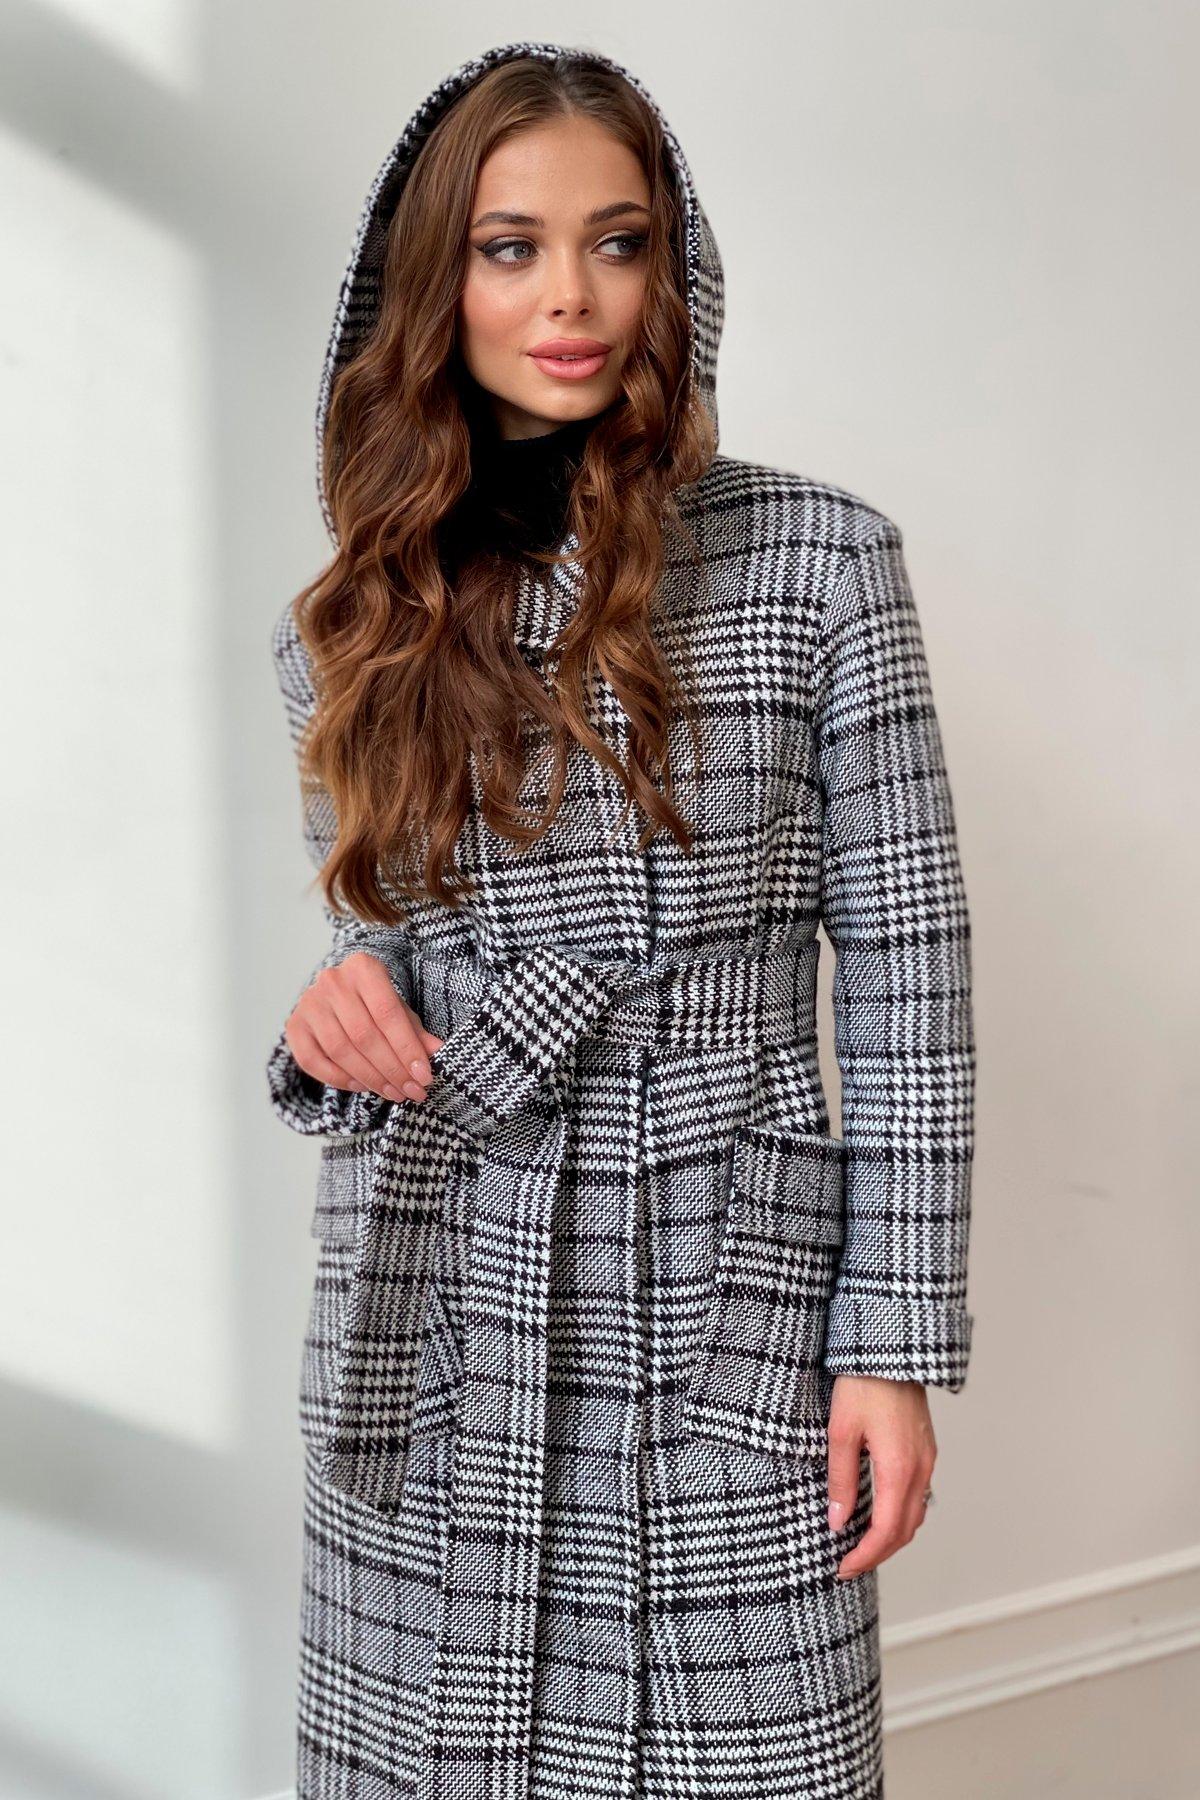 Зимнее пальто в стильную клетку Анджи 8276 АРТ. 44841 Цвет: Клетка чер/бел - фото 1, интернет магазин tm-modus.ru